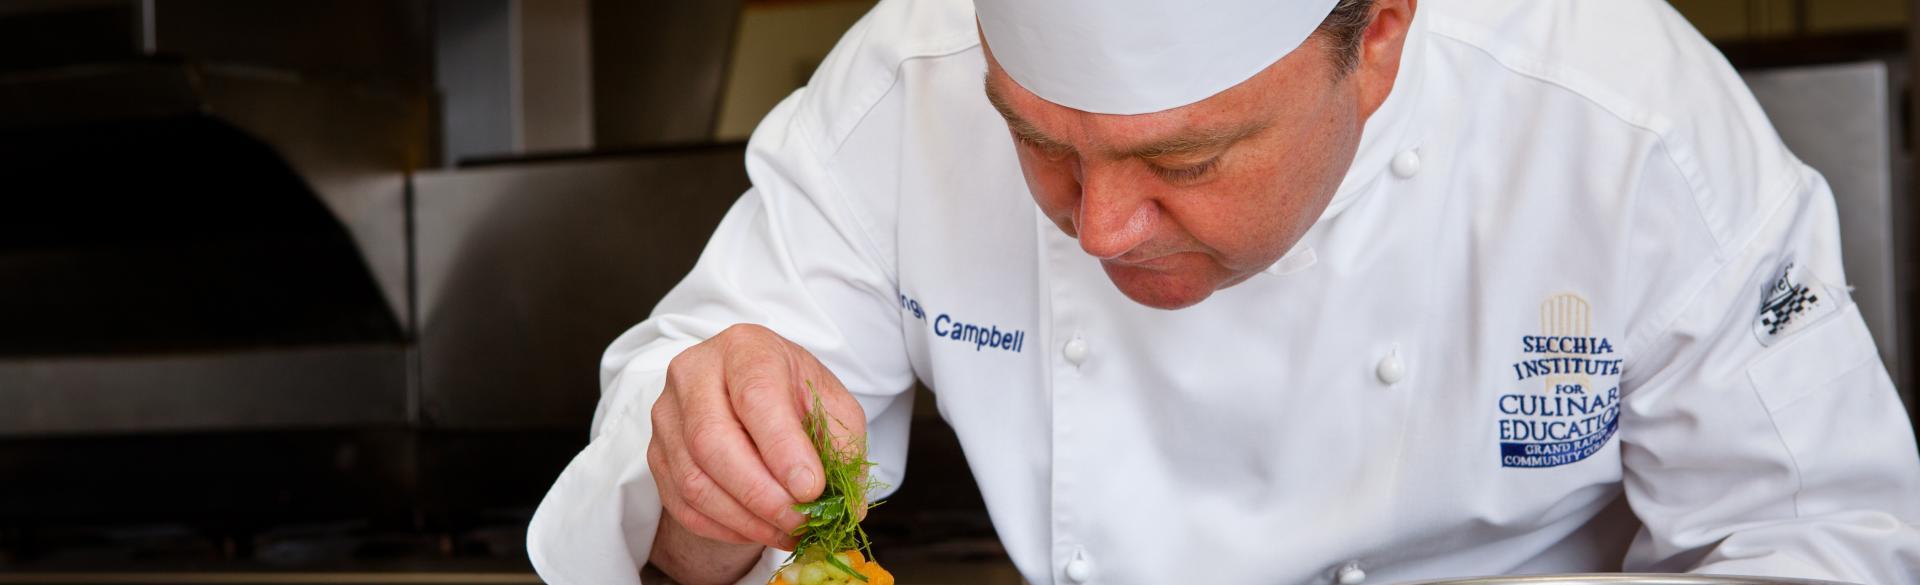 Secchia Institute for Culinary Education